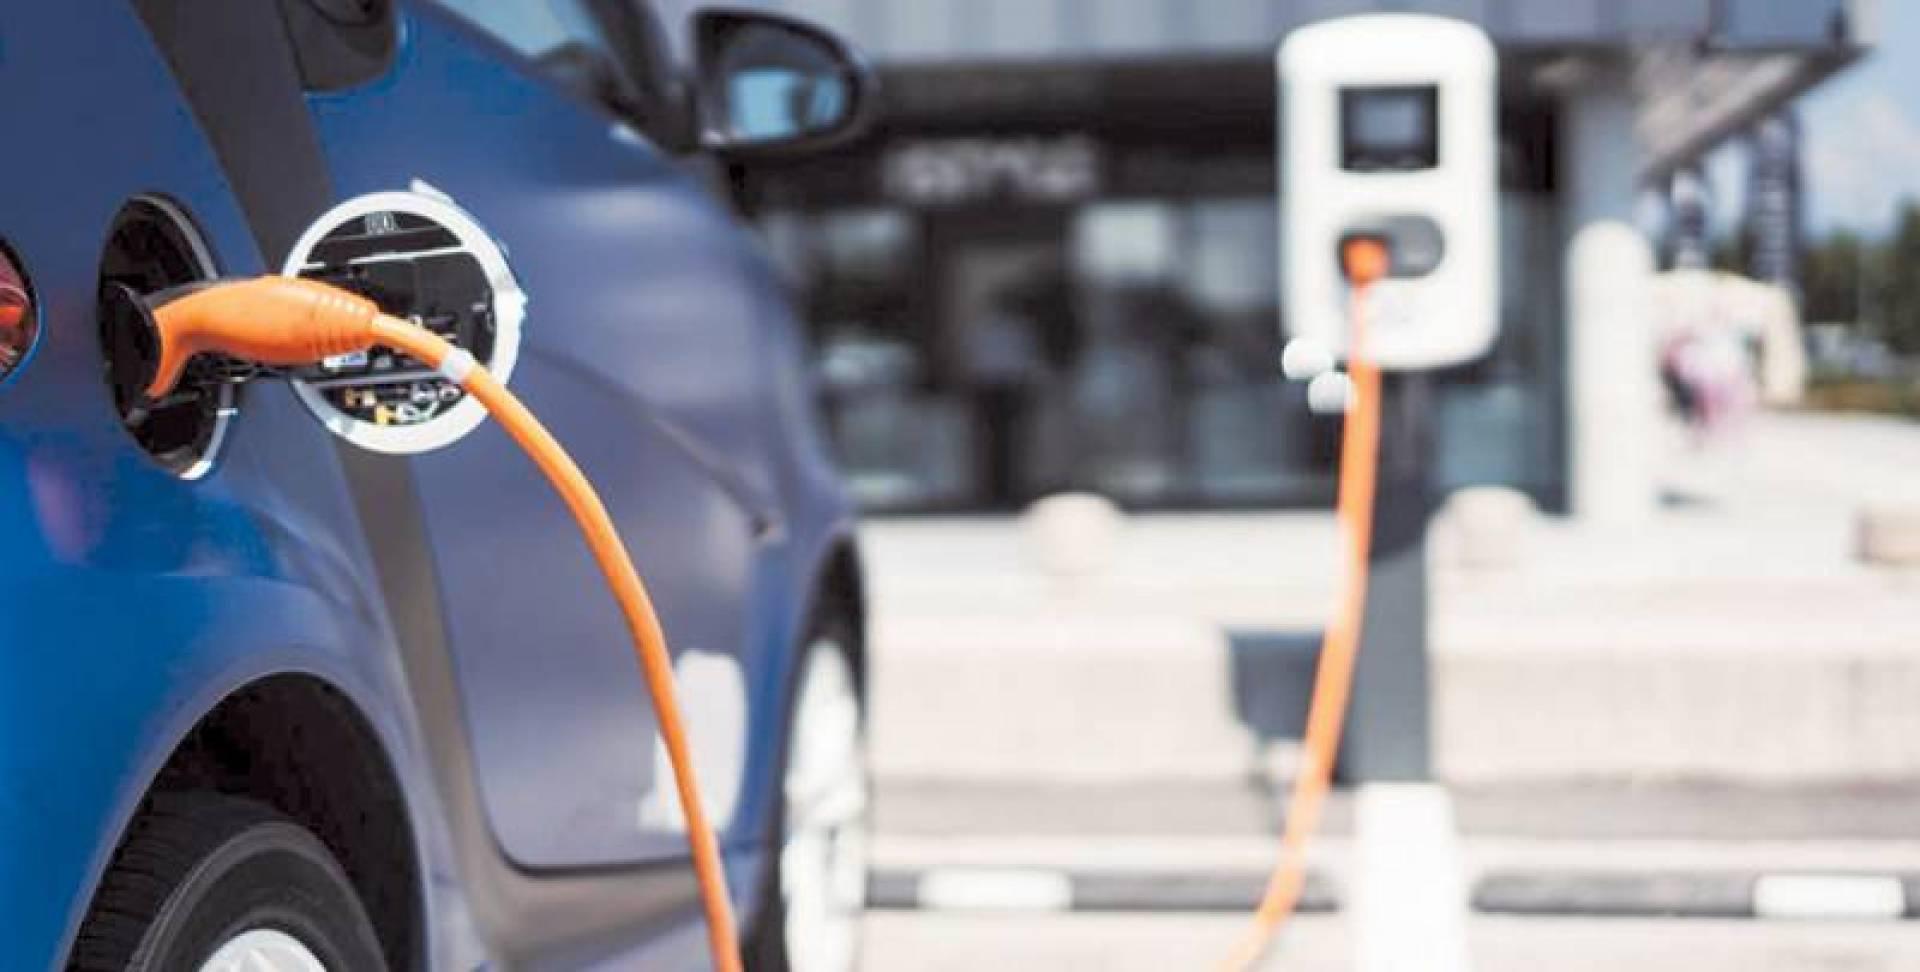 حرب السيارات الكهربائية على أشدّها